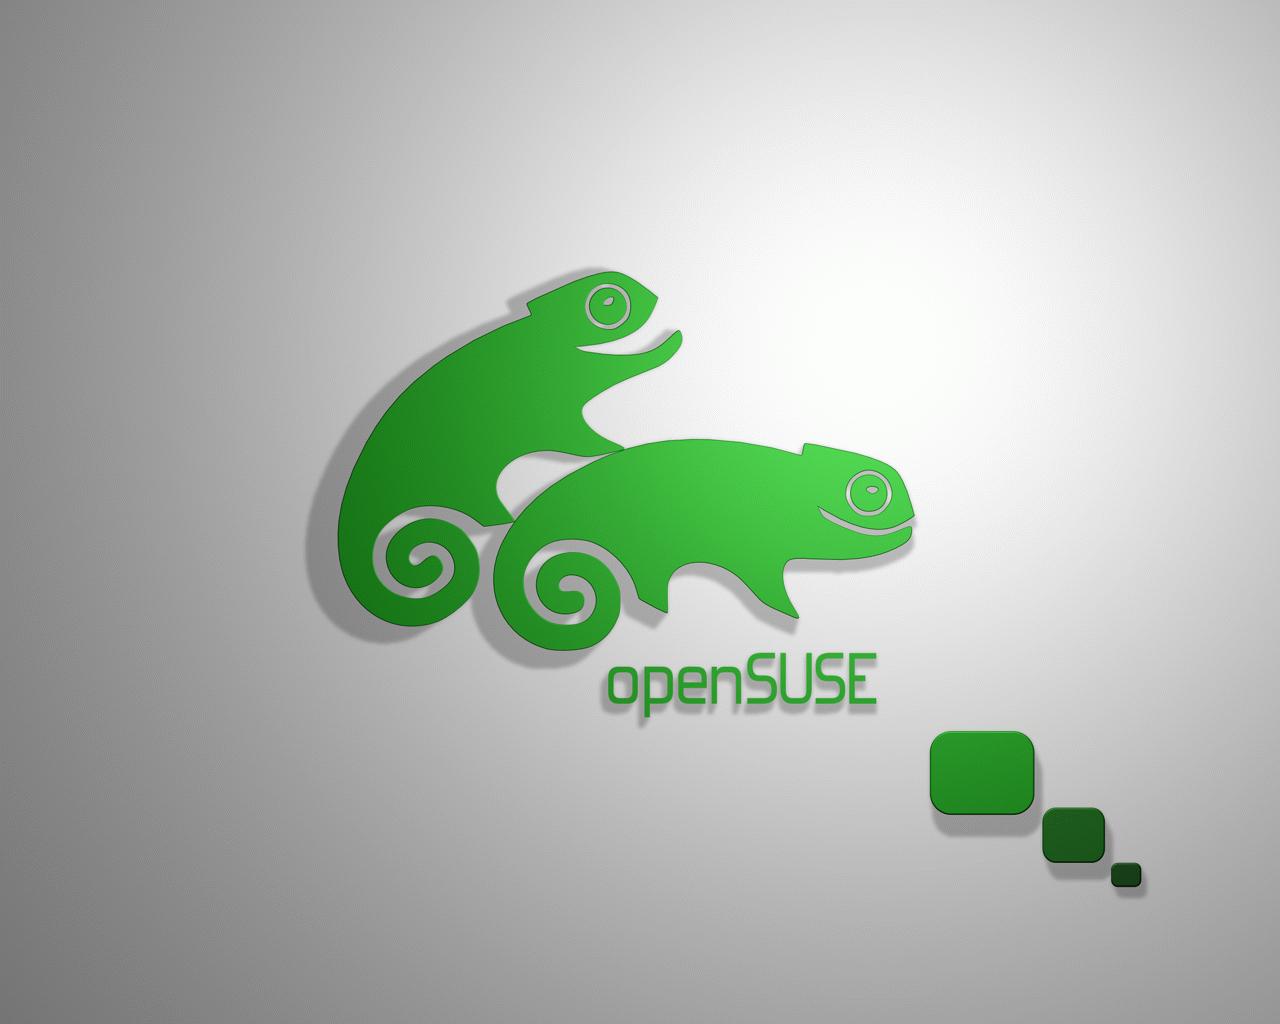 скайп под линуксом работает также хорошо, как и под виндовс